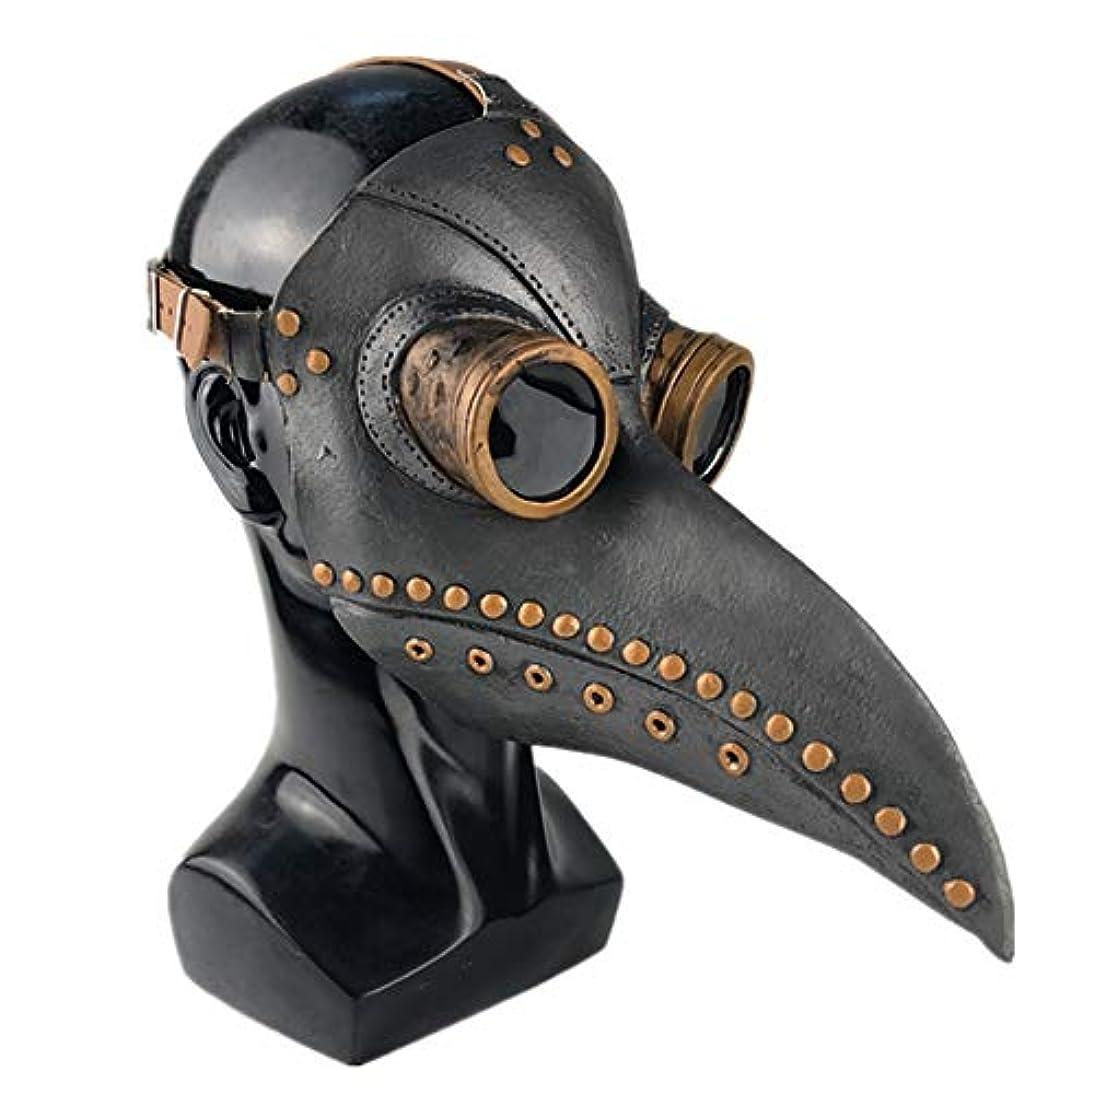 ハント腐敗した暗記するEsolom ハロウィンマスク ペストスチーム喙ドクターマスク ホリデーパーティー用品 黒 銅の爪 ホラーマスク ハロウィンデコレーション 通気性